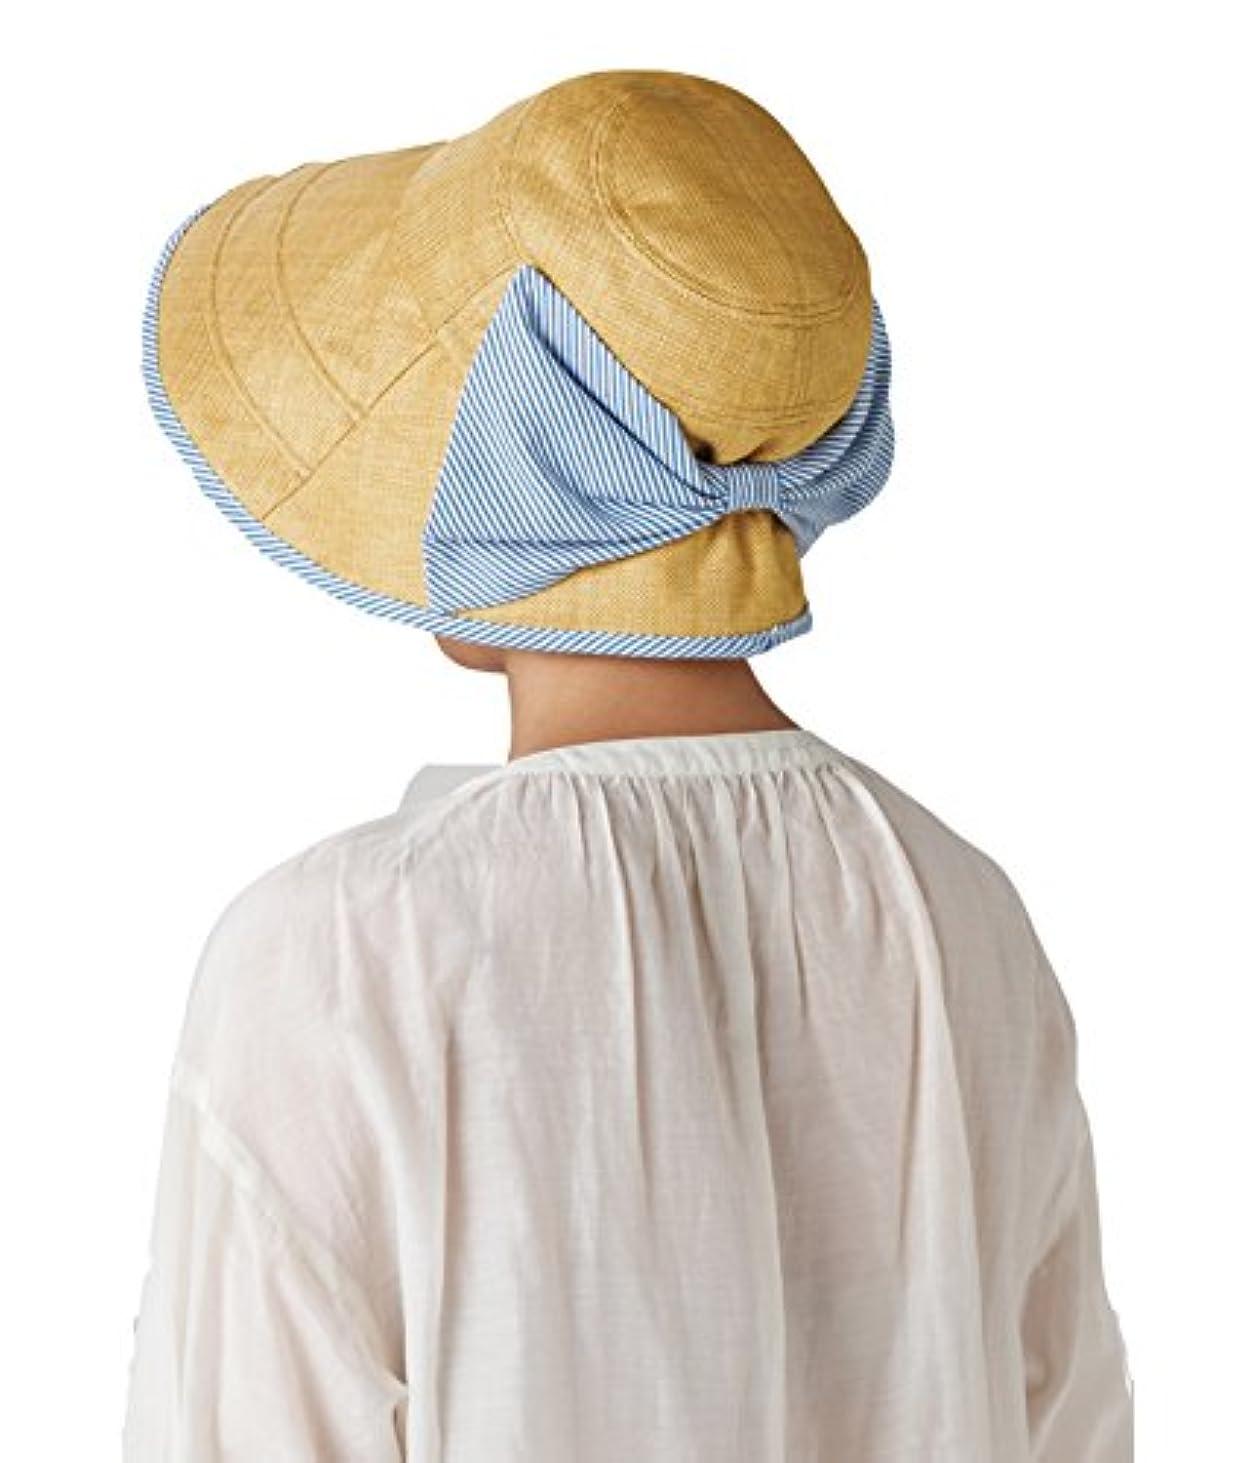 ぜいたくピボット日セルヴァン 大きなリボンのつば広日よけ帽子 ベージュ